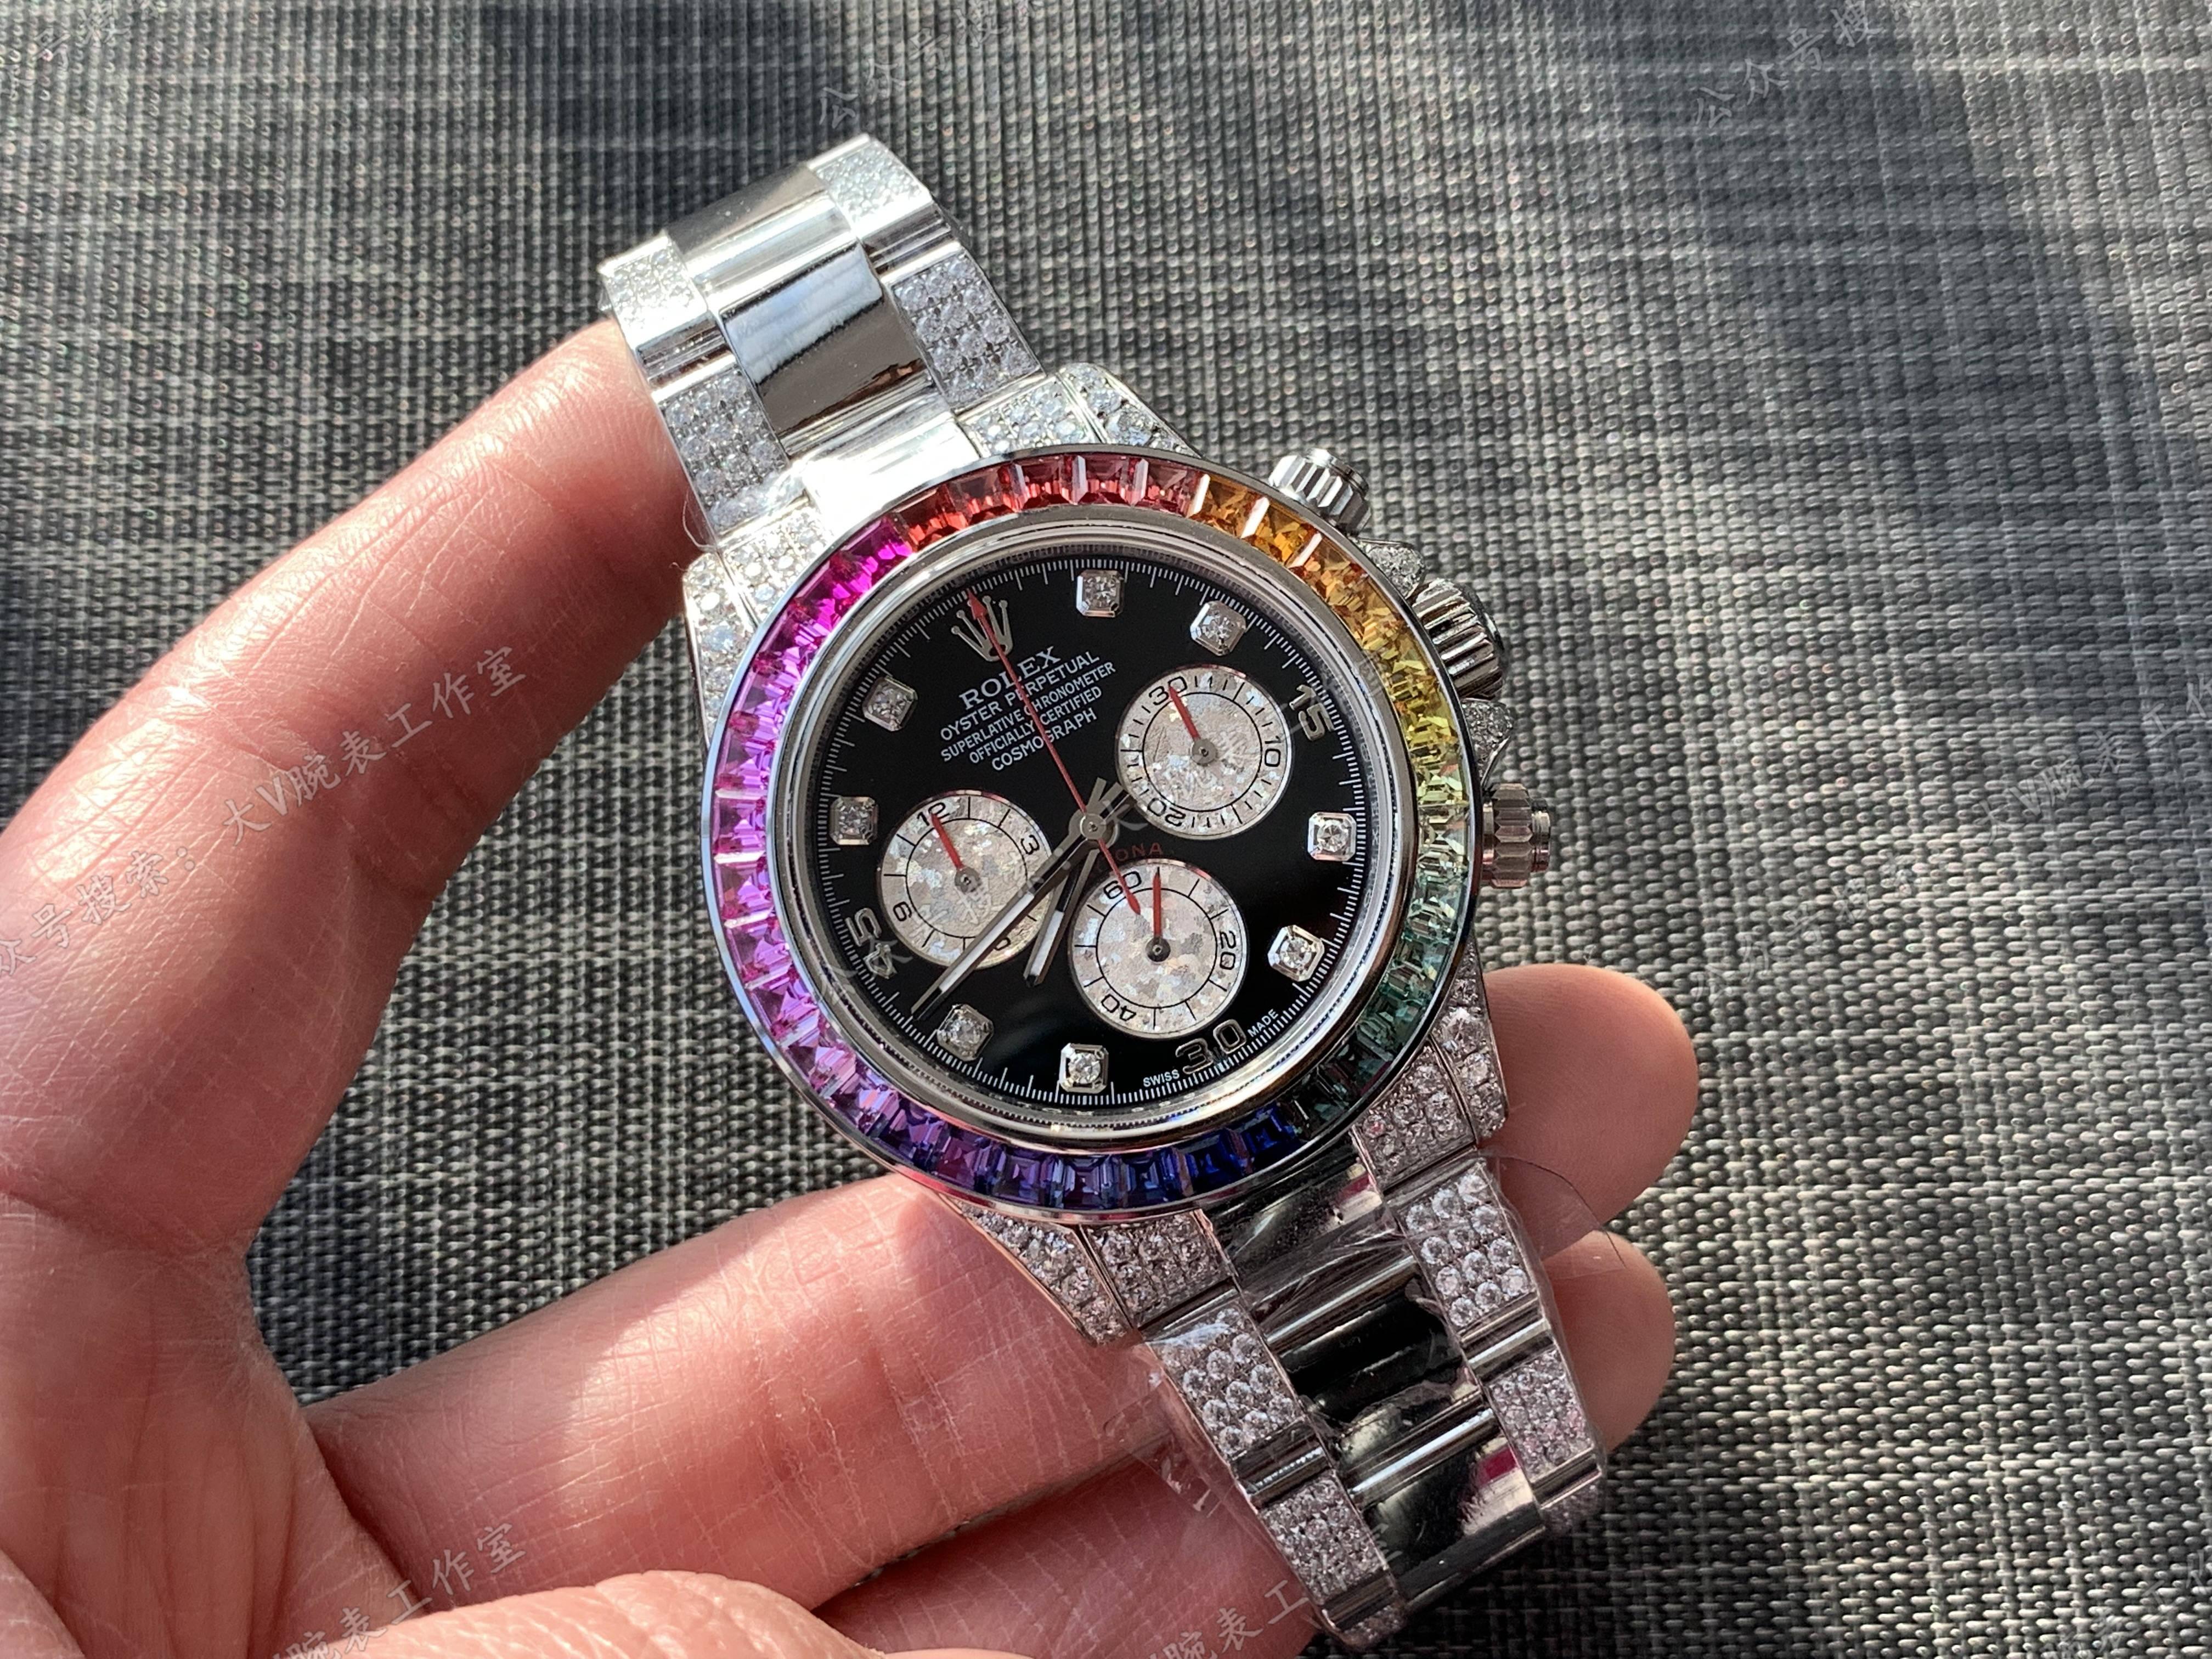 劳力士迪通拿后改装后镶钻彩虹迪腕表!白金彩虹迪通拿升级版本!